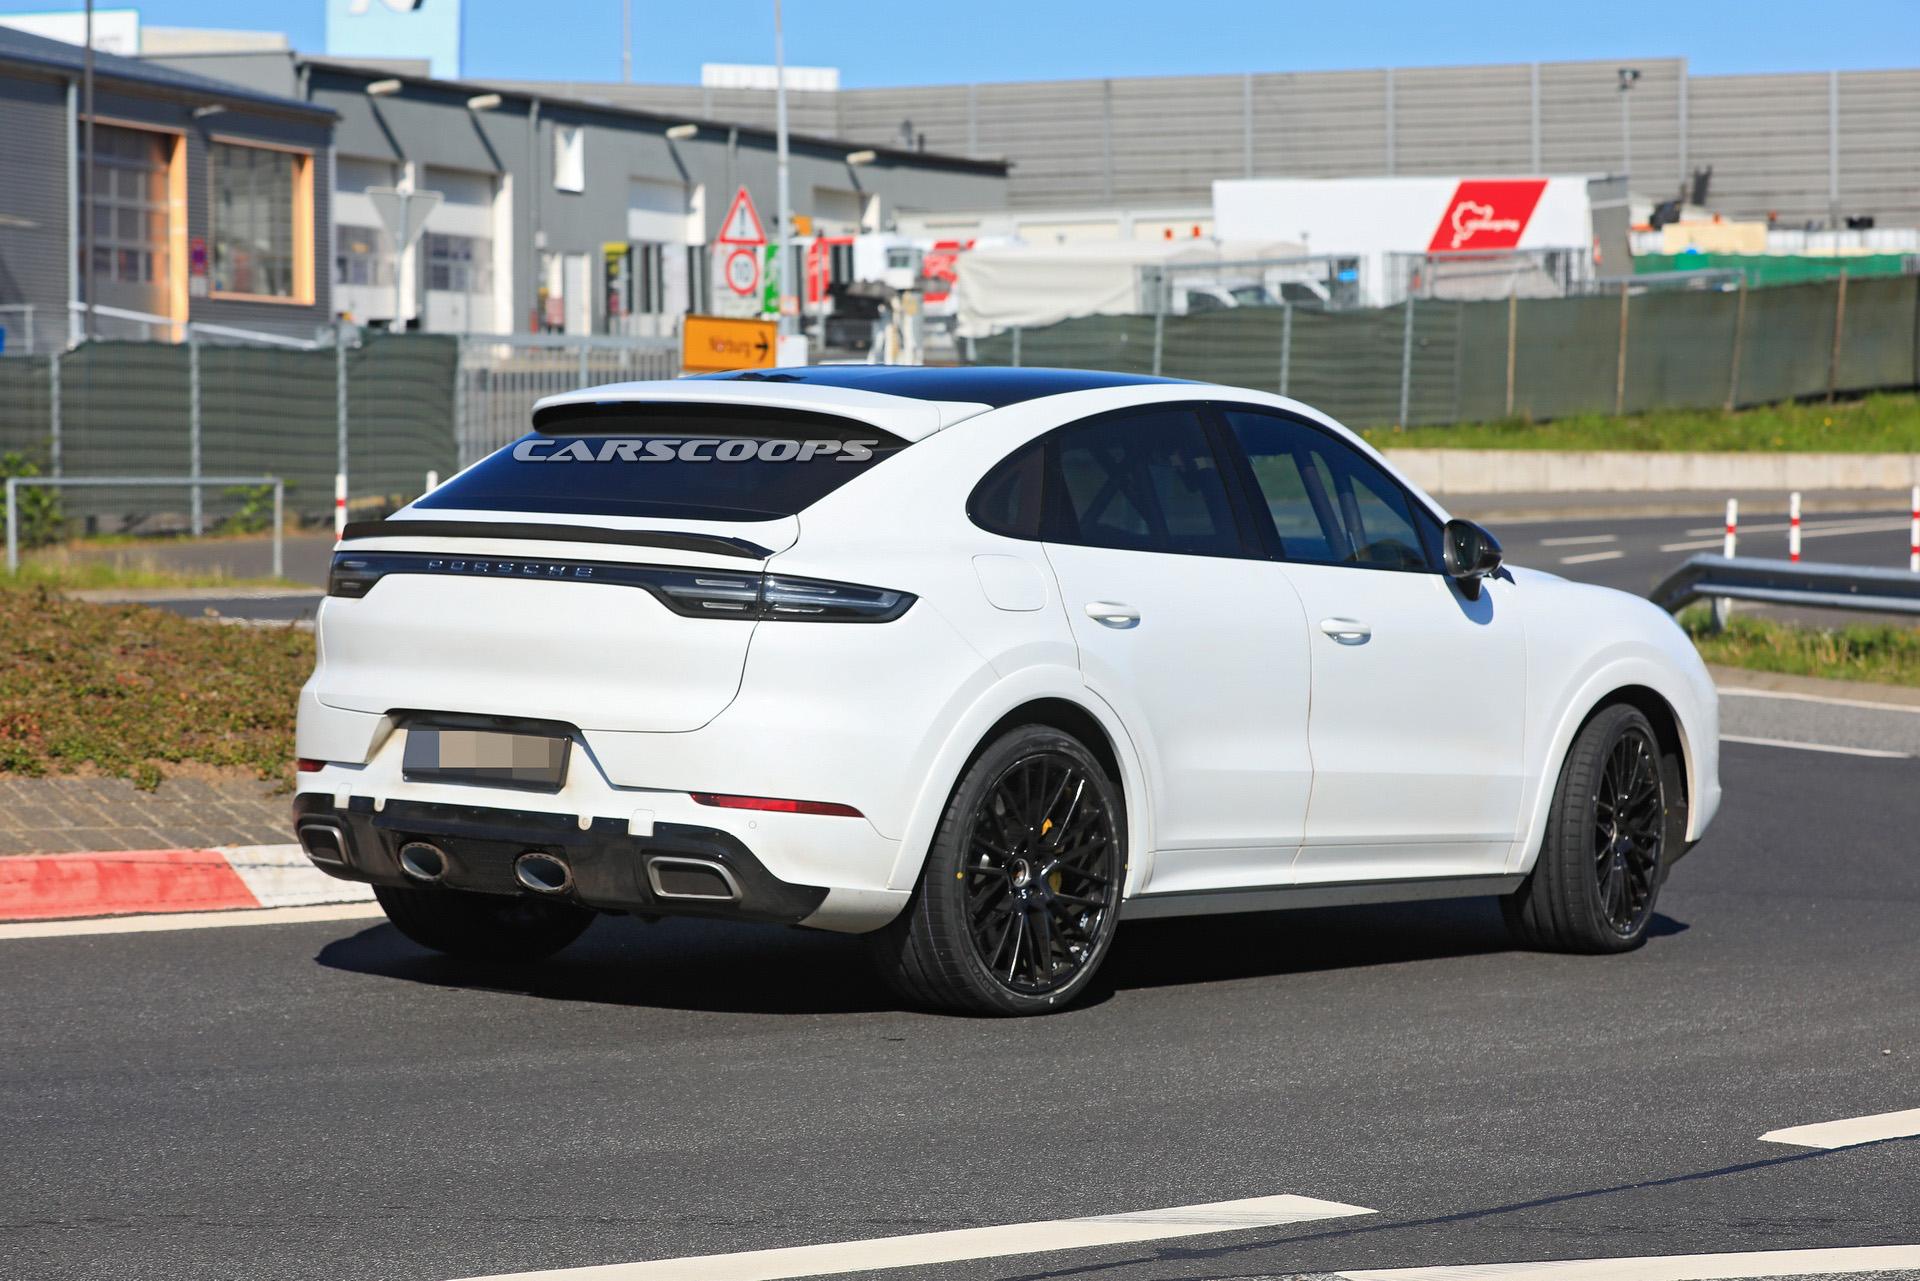 2019 [Porsche] Cayenne coupé - Page 6 2021-p18